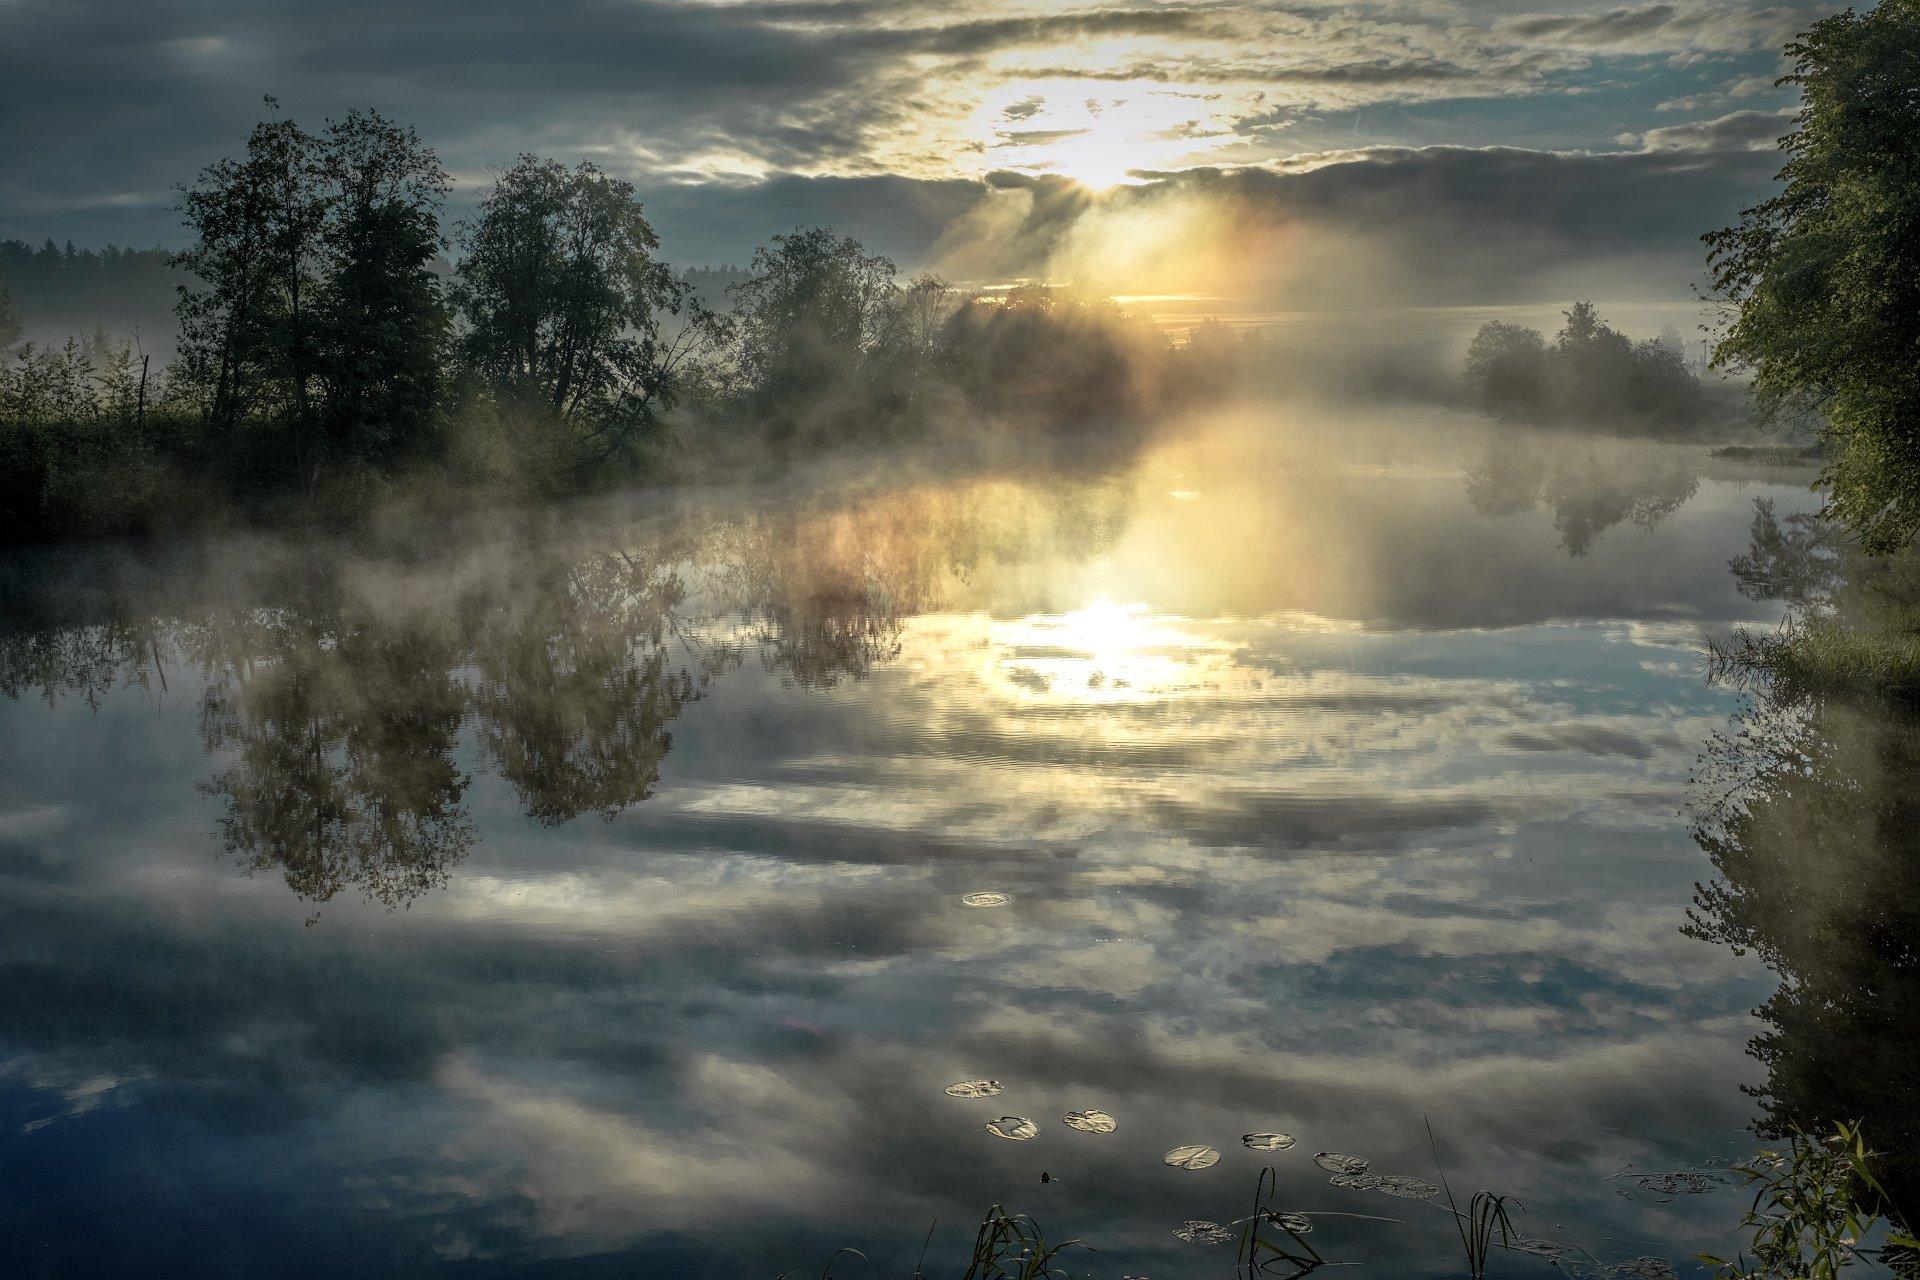 пейзаж, рассвет, утро, река, отражения, деревья, небо, Андрей Чиж